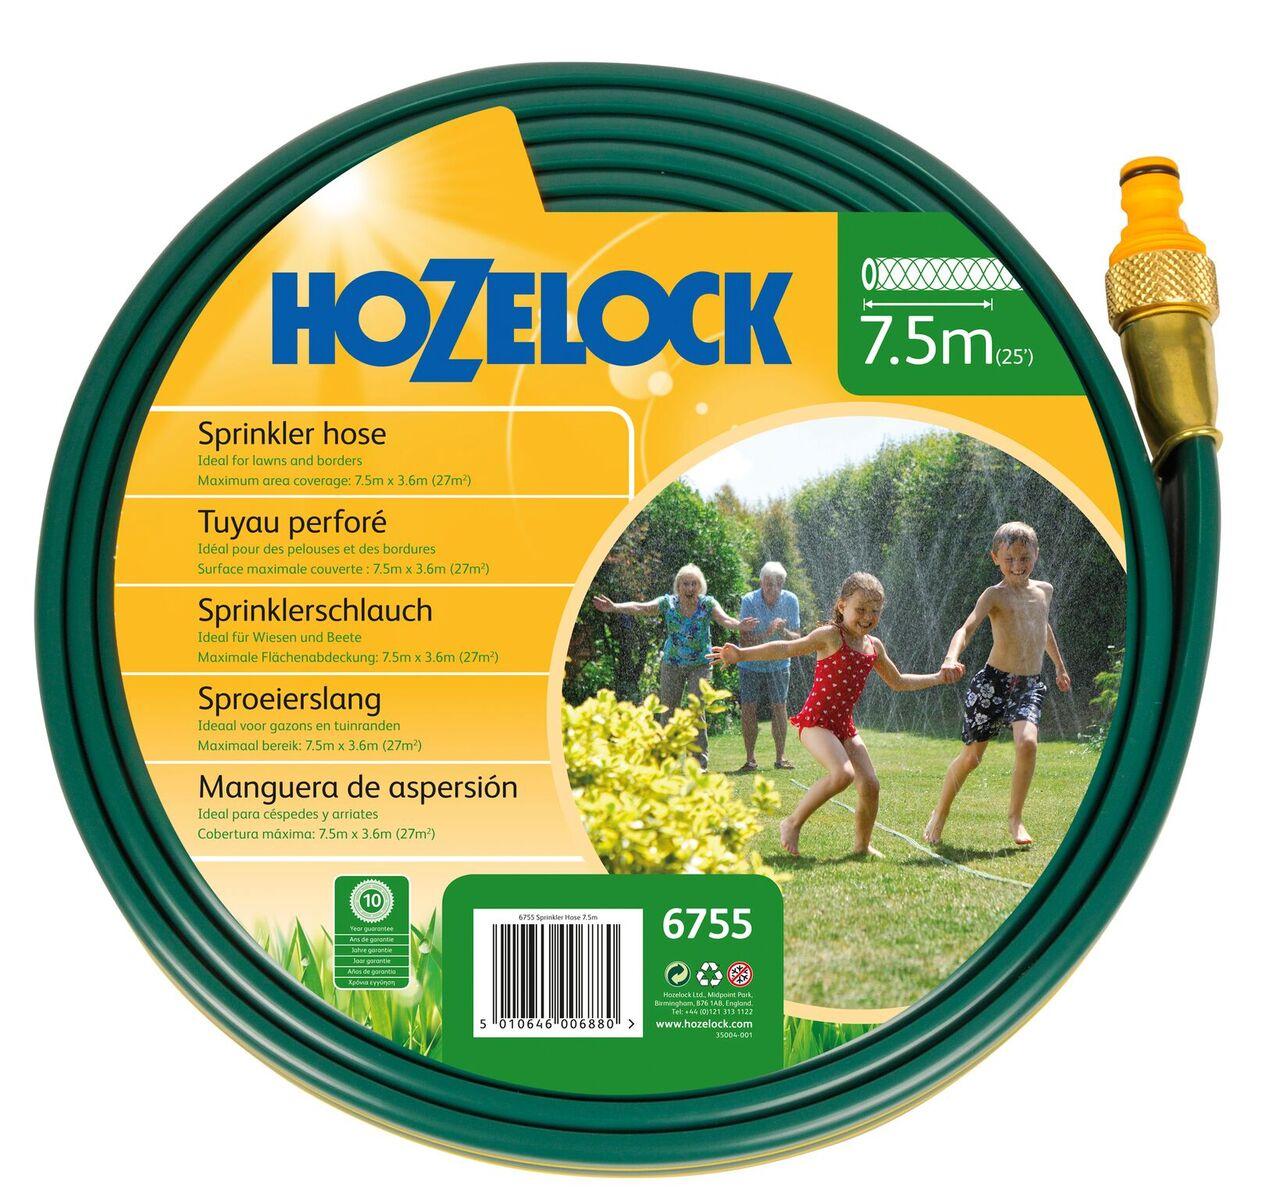 Шланг поливочный Hozelock разбрызгивающийся 6755, 7,5 м + коннекторы, зеленый